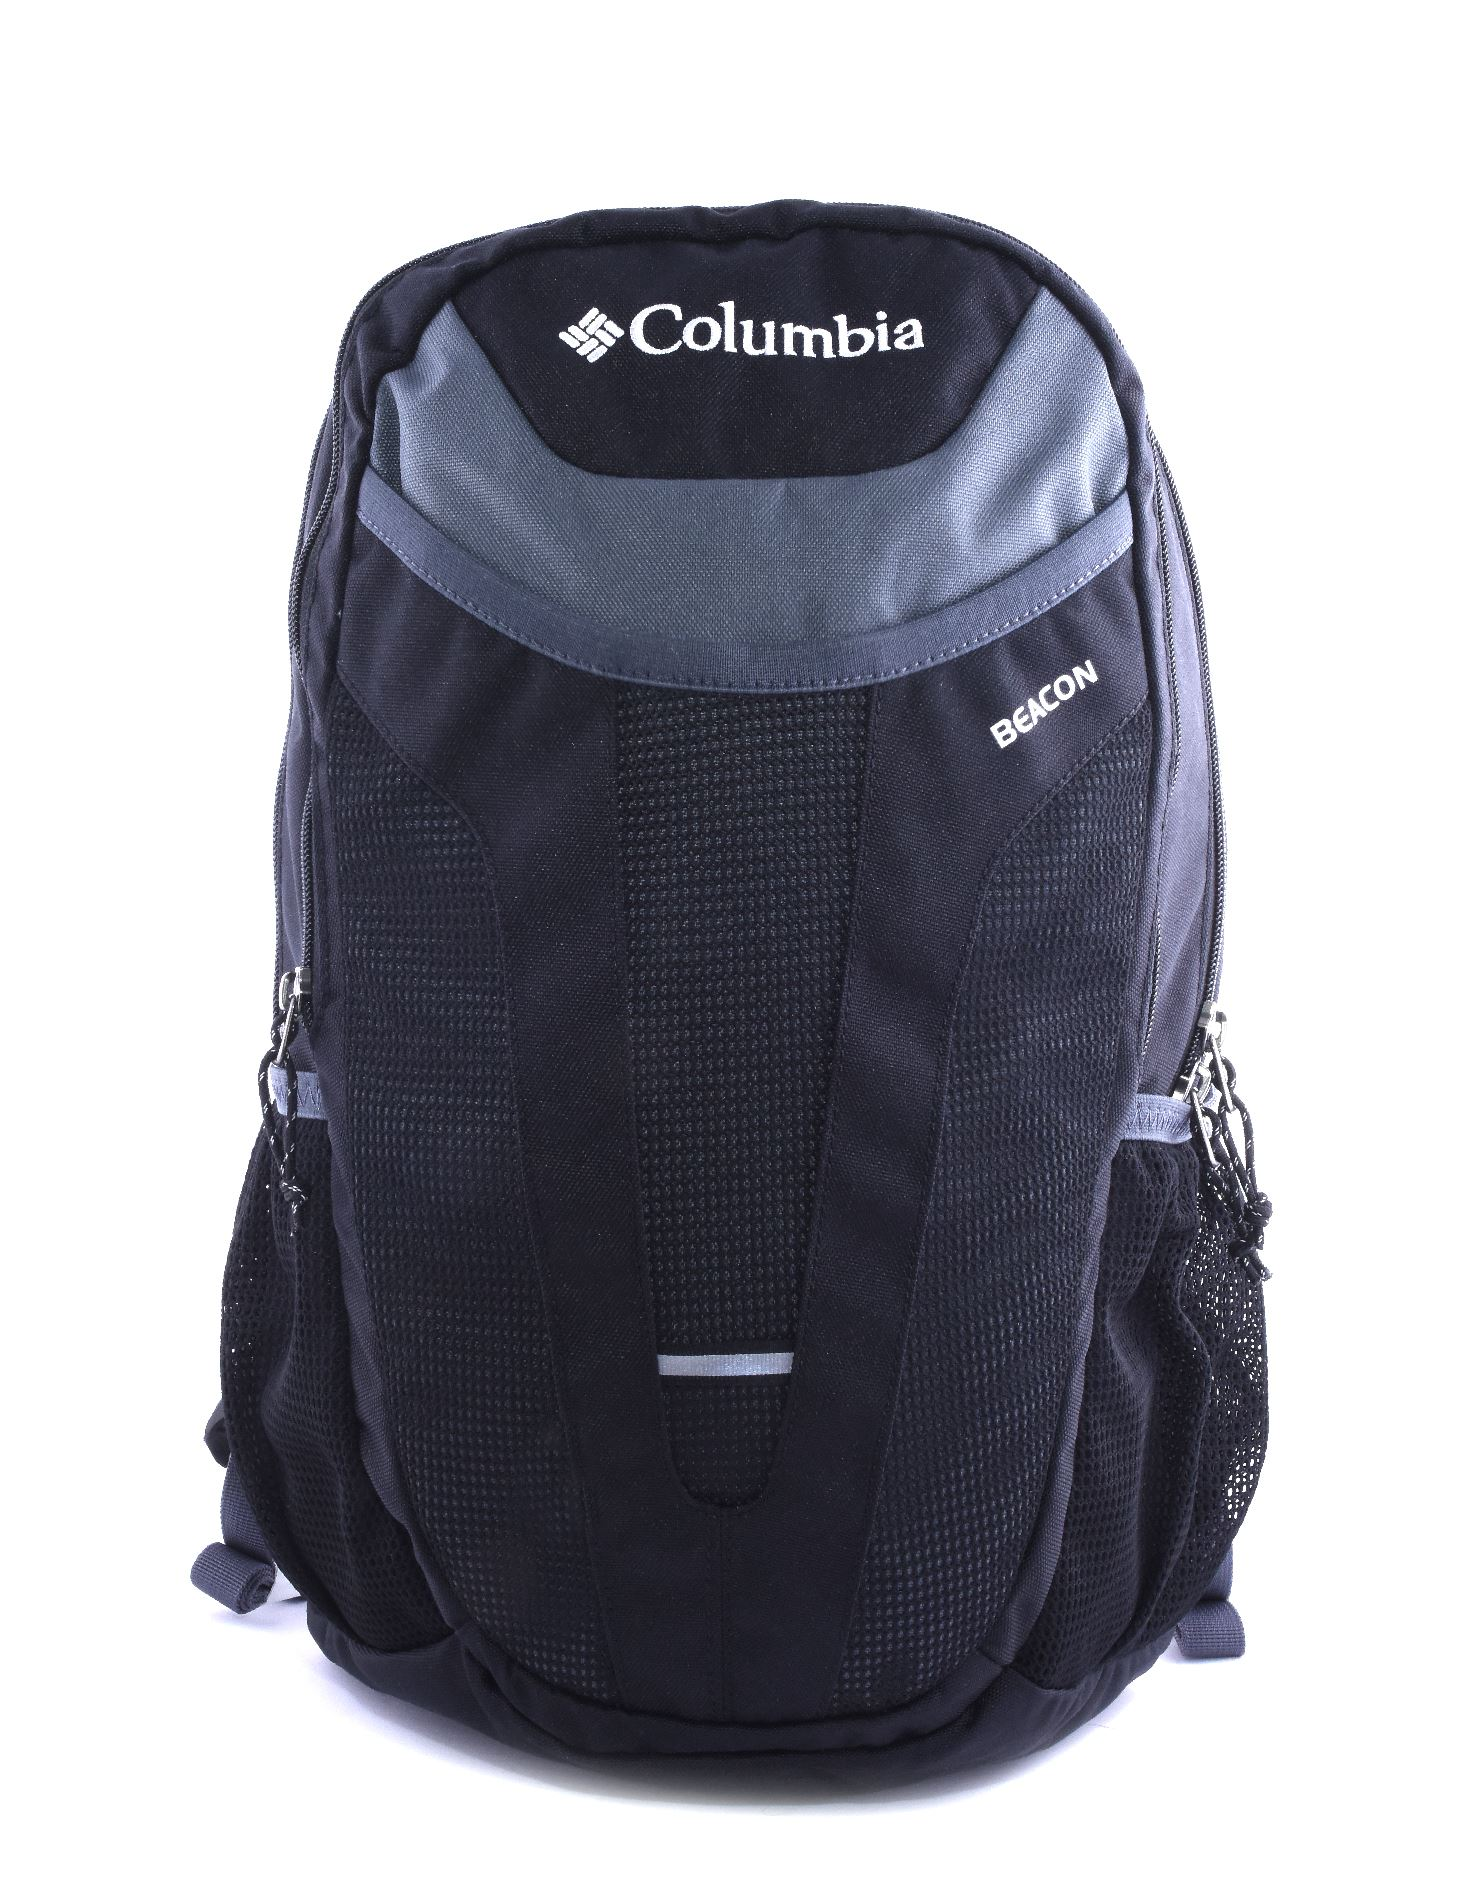 תיקי גב קולומביה לנשים Columbia Beacon Daypack - שחור/אפור